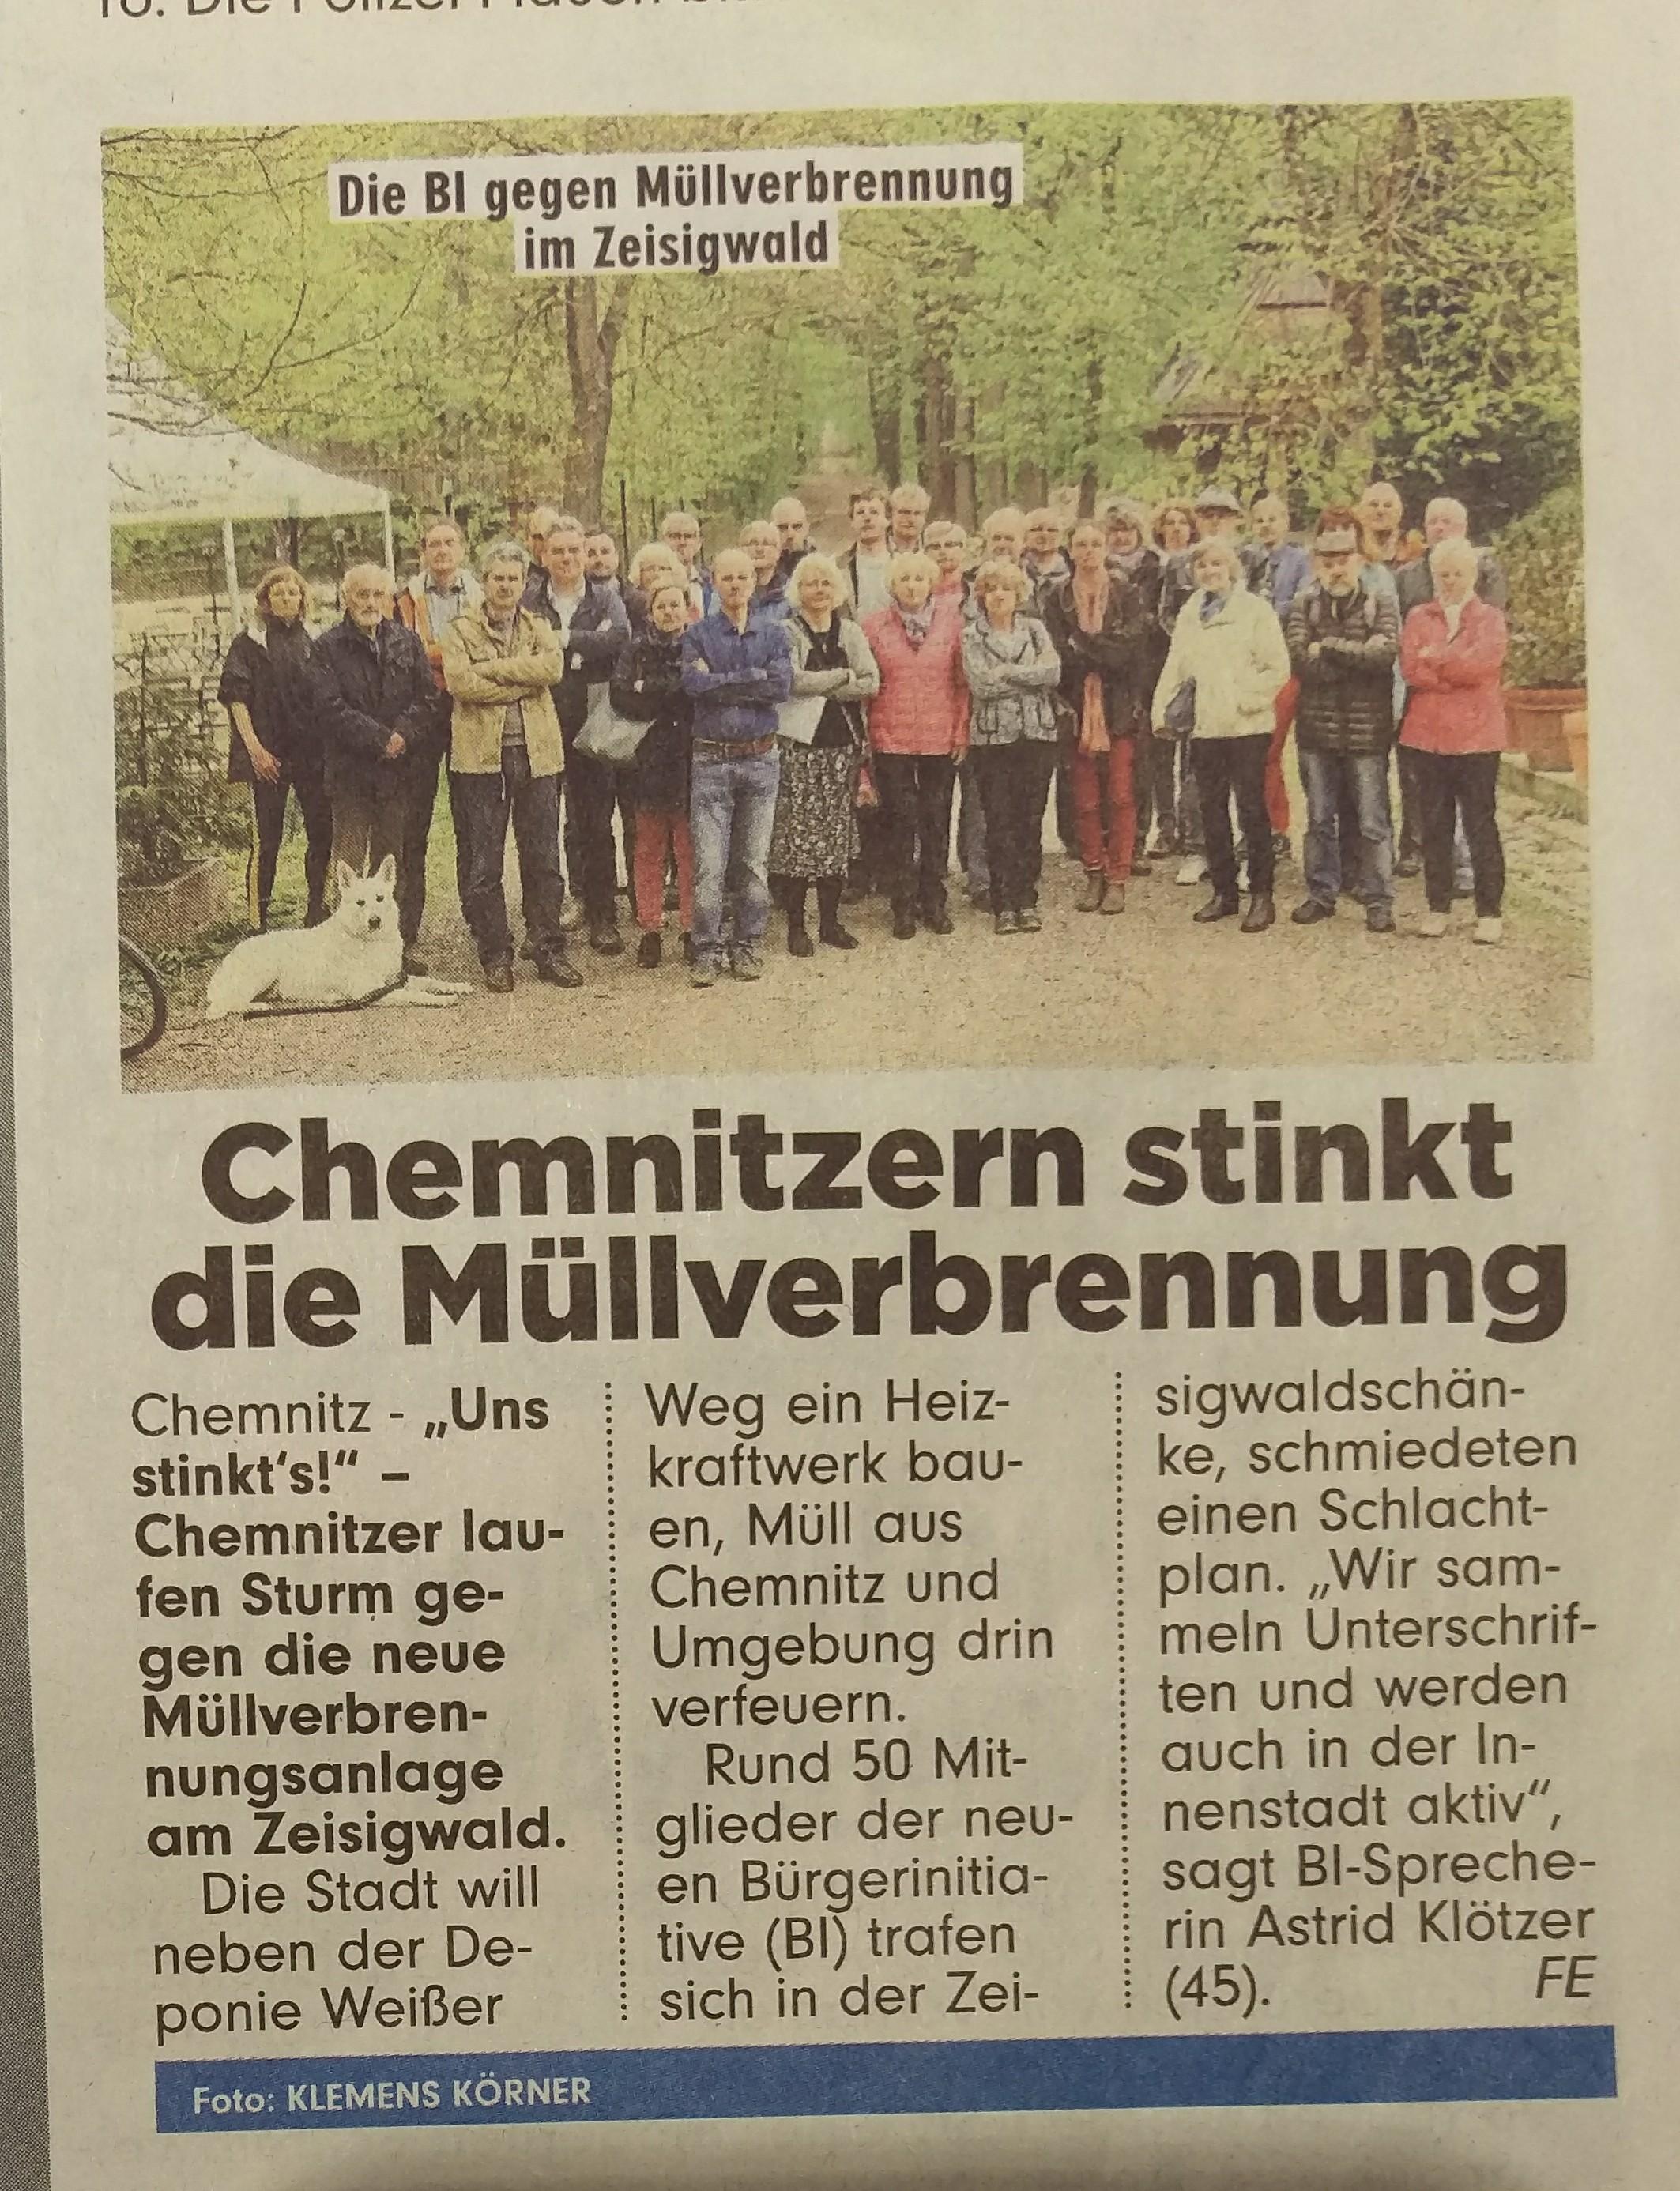 Chemnitz Sonnenberg | Müllverbrennung? Schützt den Zeisigwald!